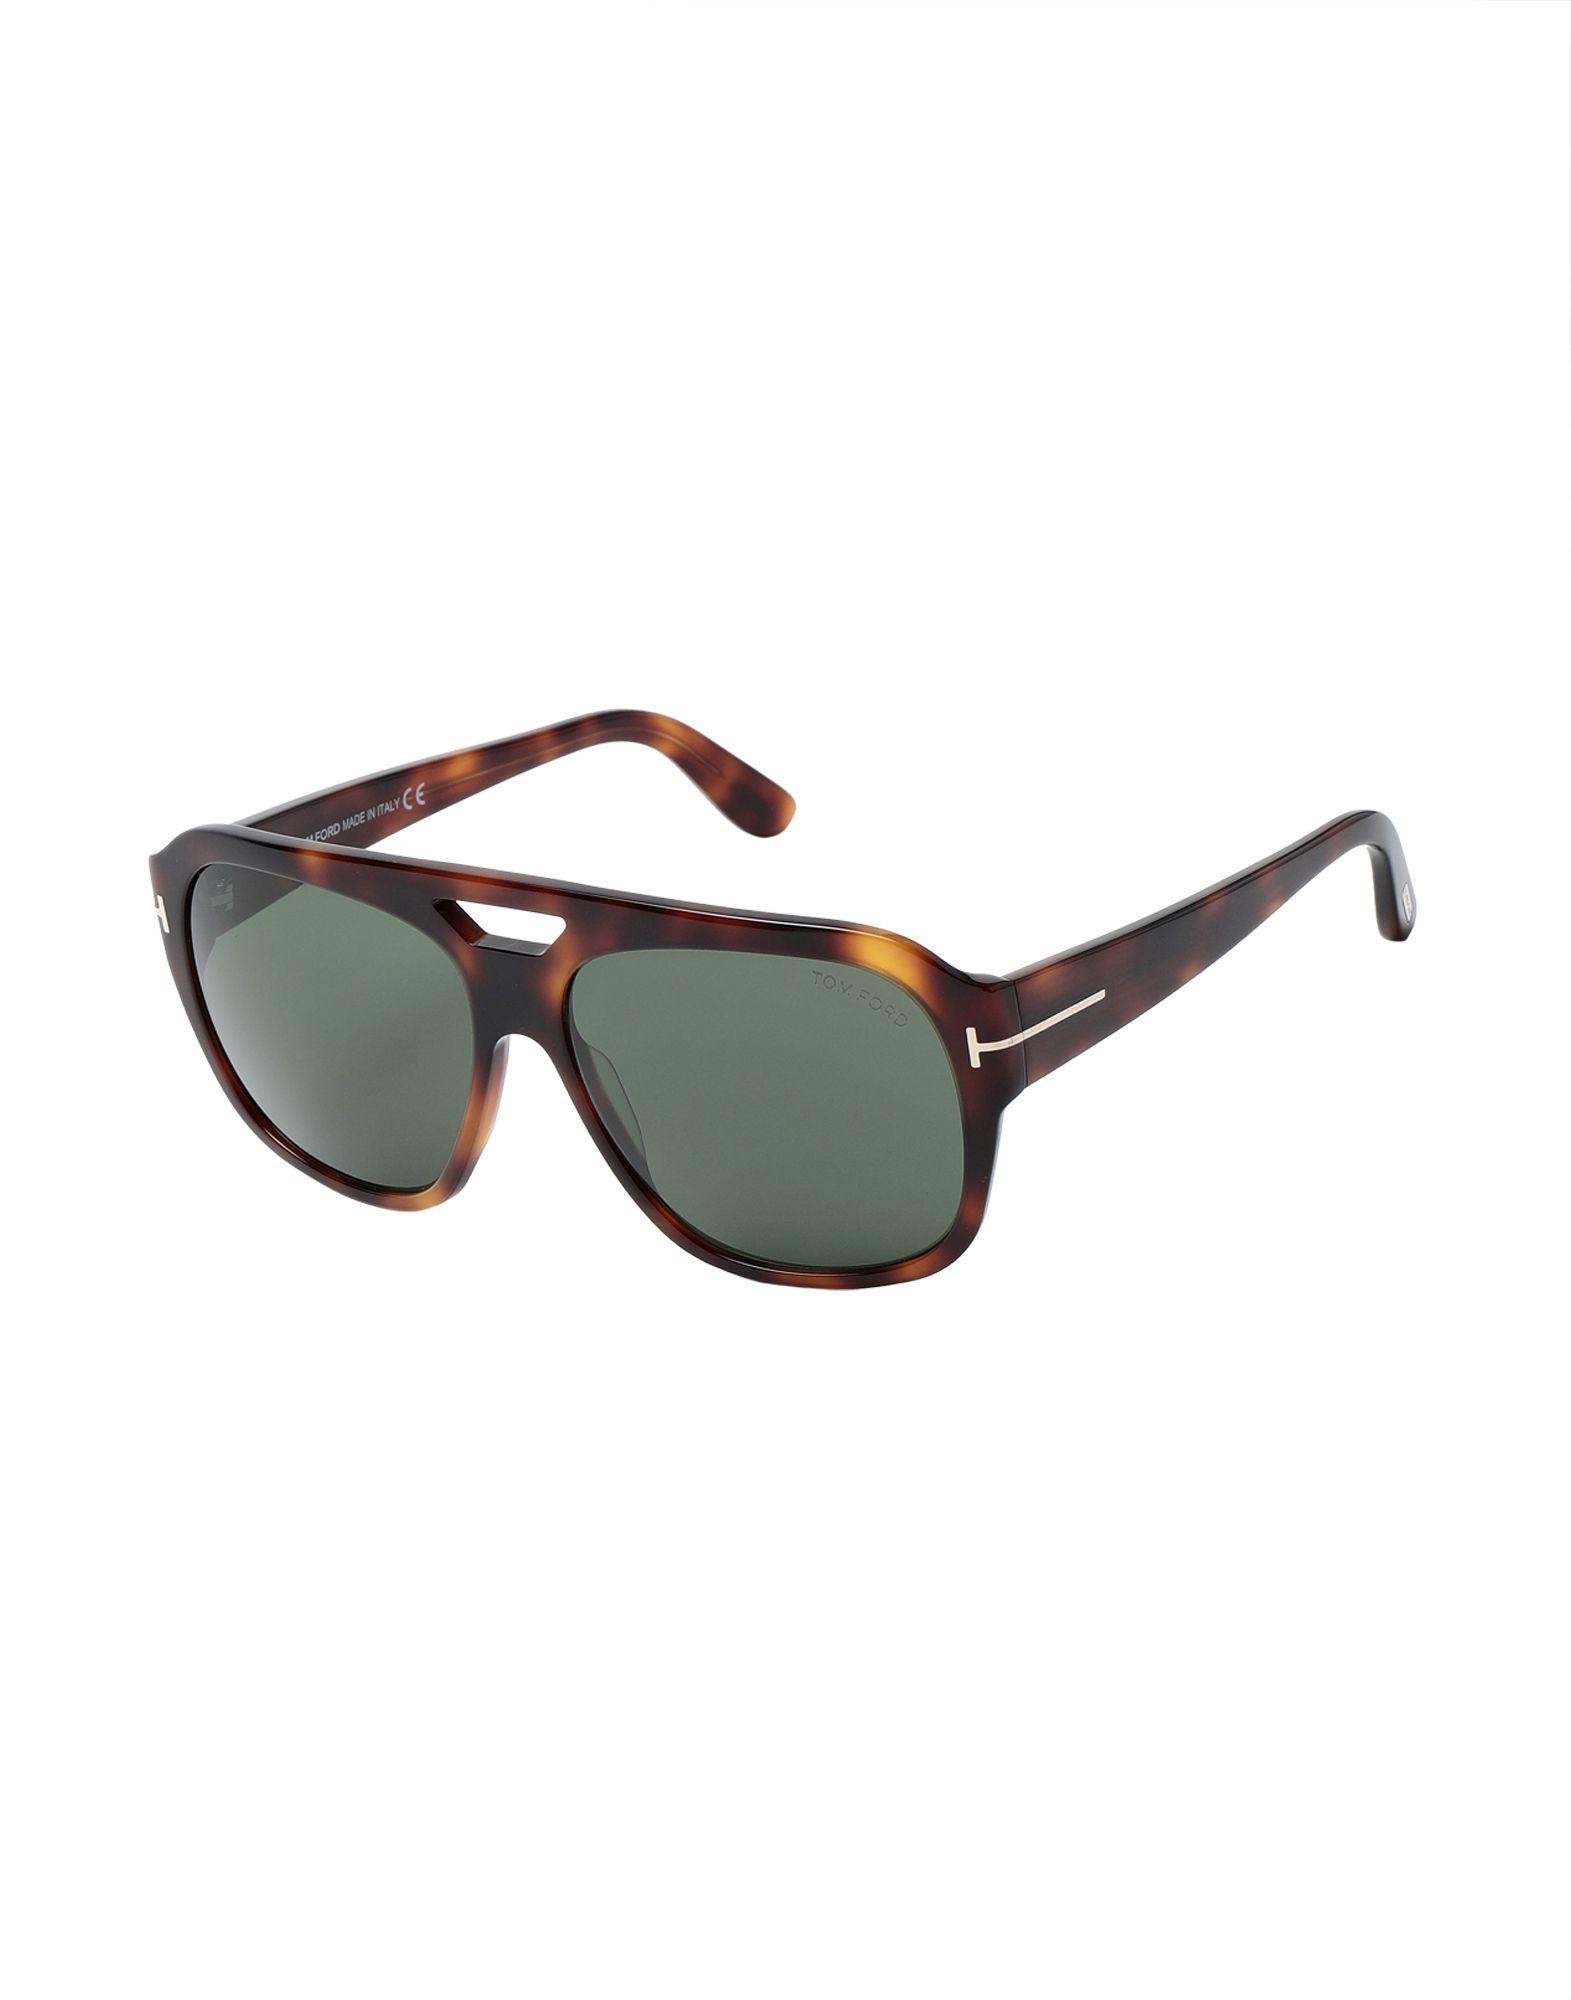 TOM FORD Солнечные очки средство для чистки пор nagara с древесным углем 4 шт